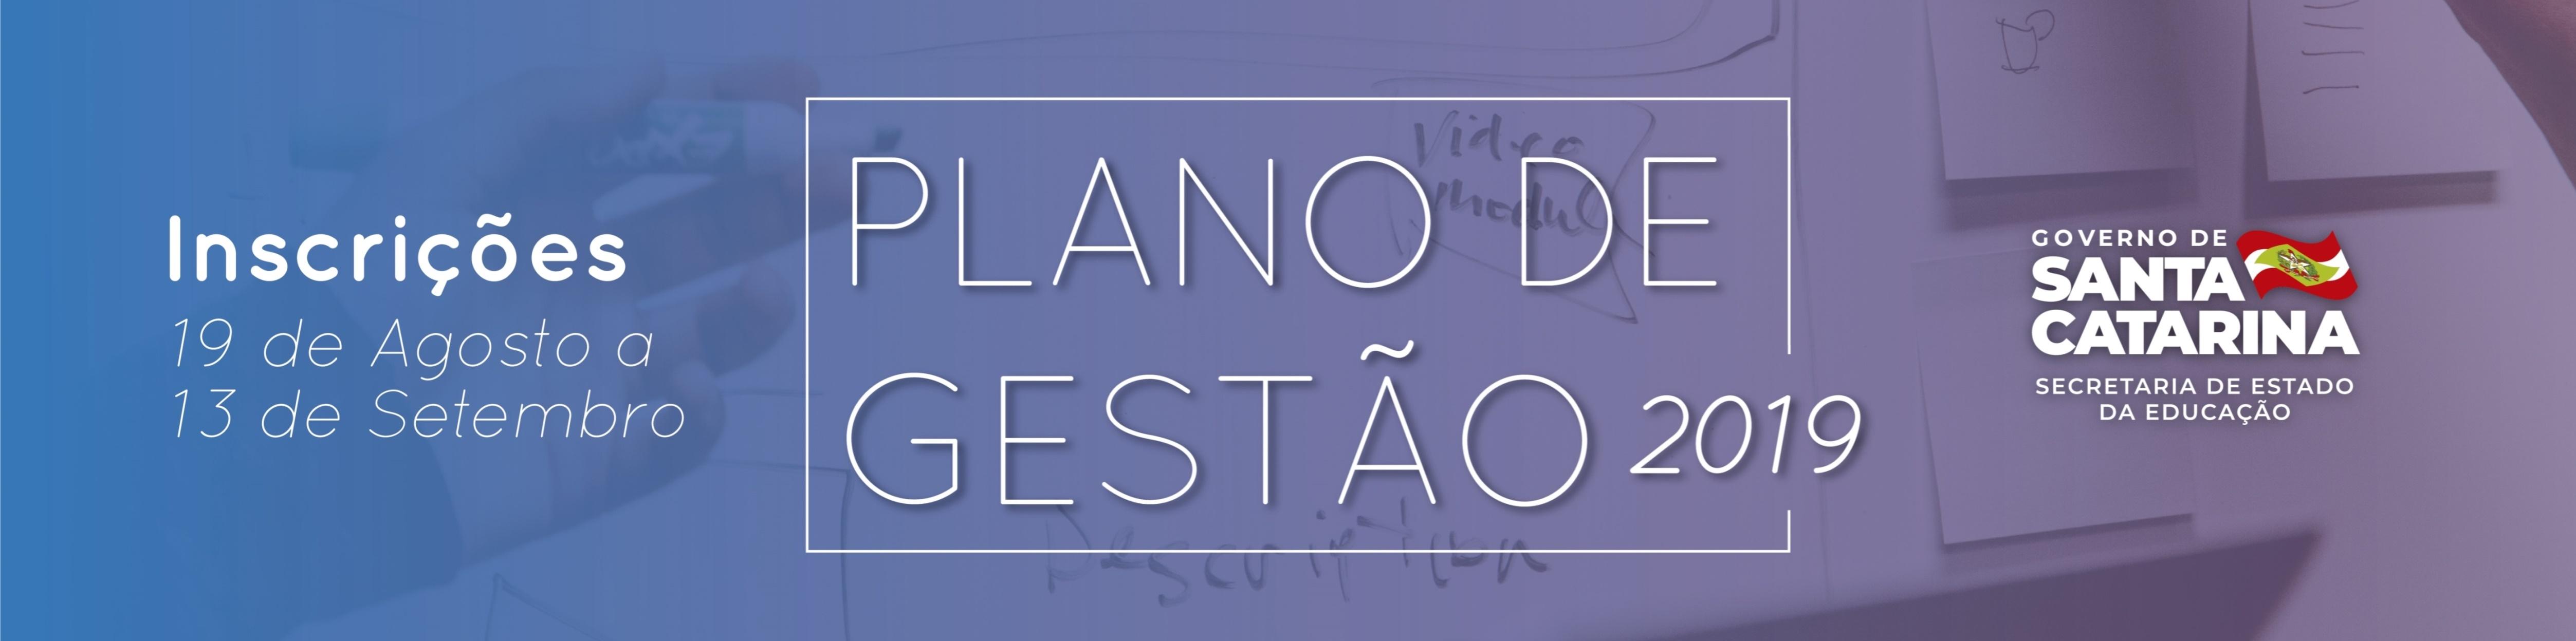 Banner_Plano_de_Gesto_Escolar_2019_-_menor_2